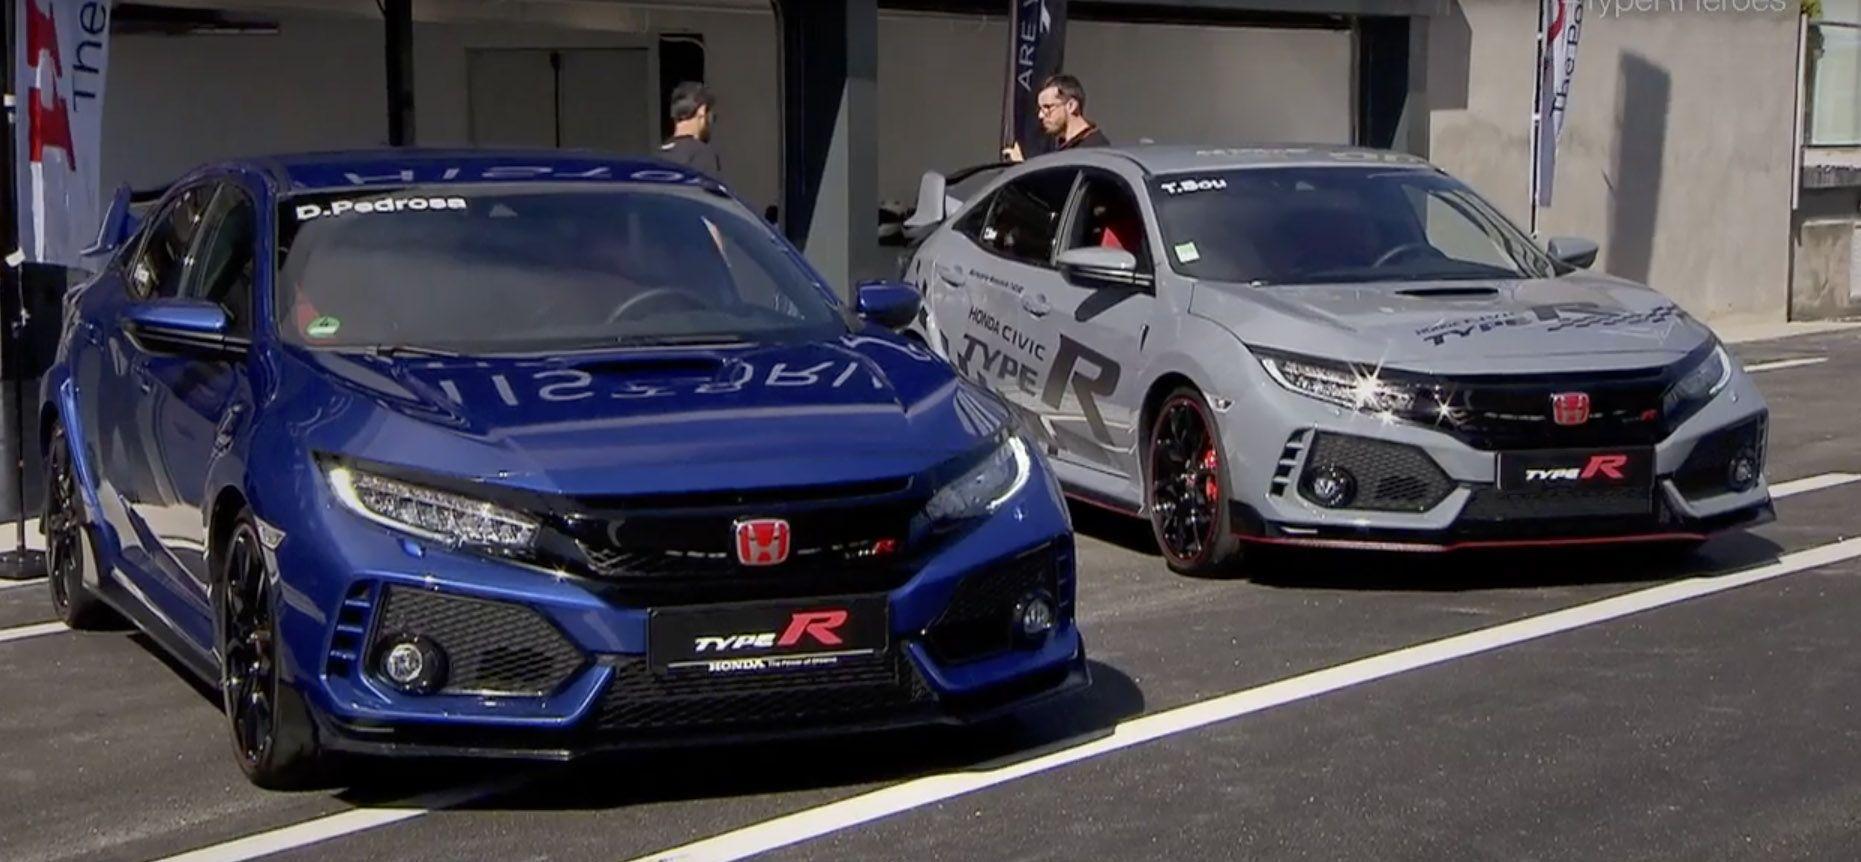 Un trío de campeones al volante del Honda Civic Type R en el Jarama